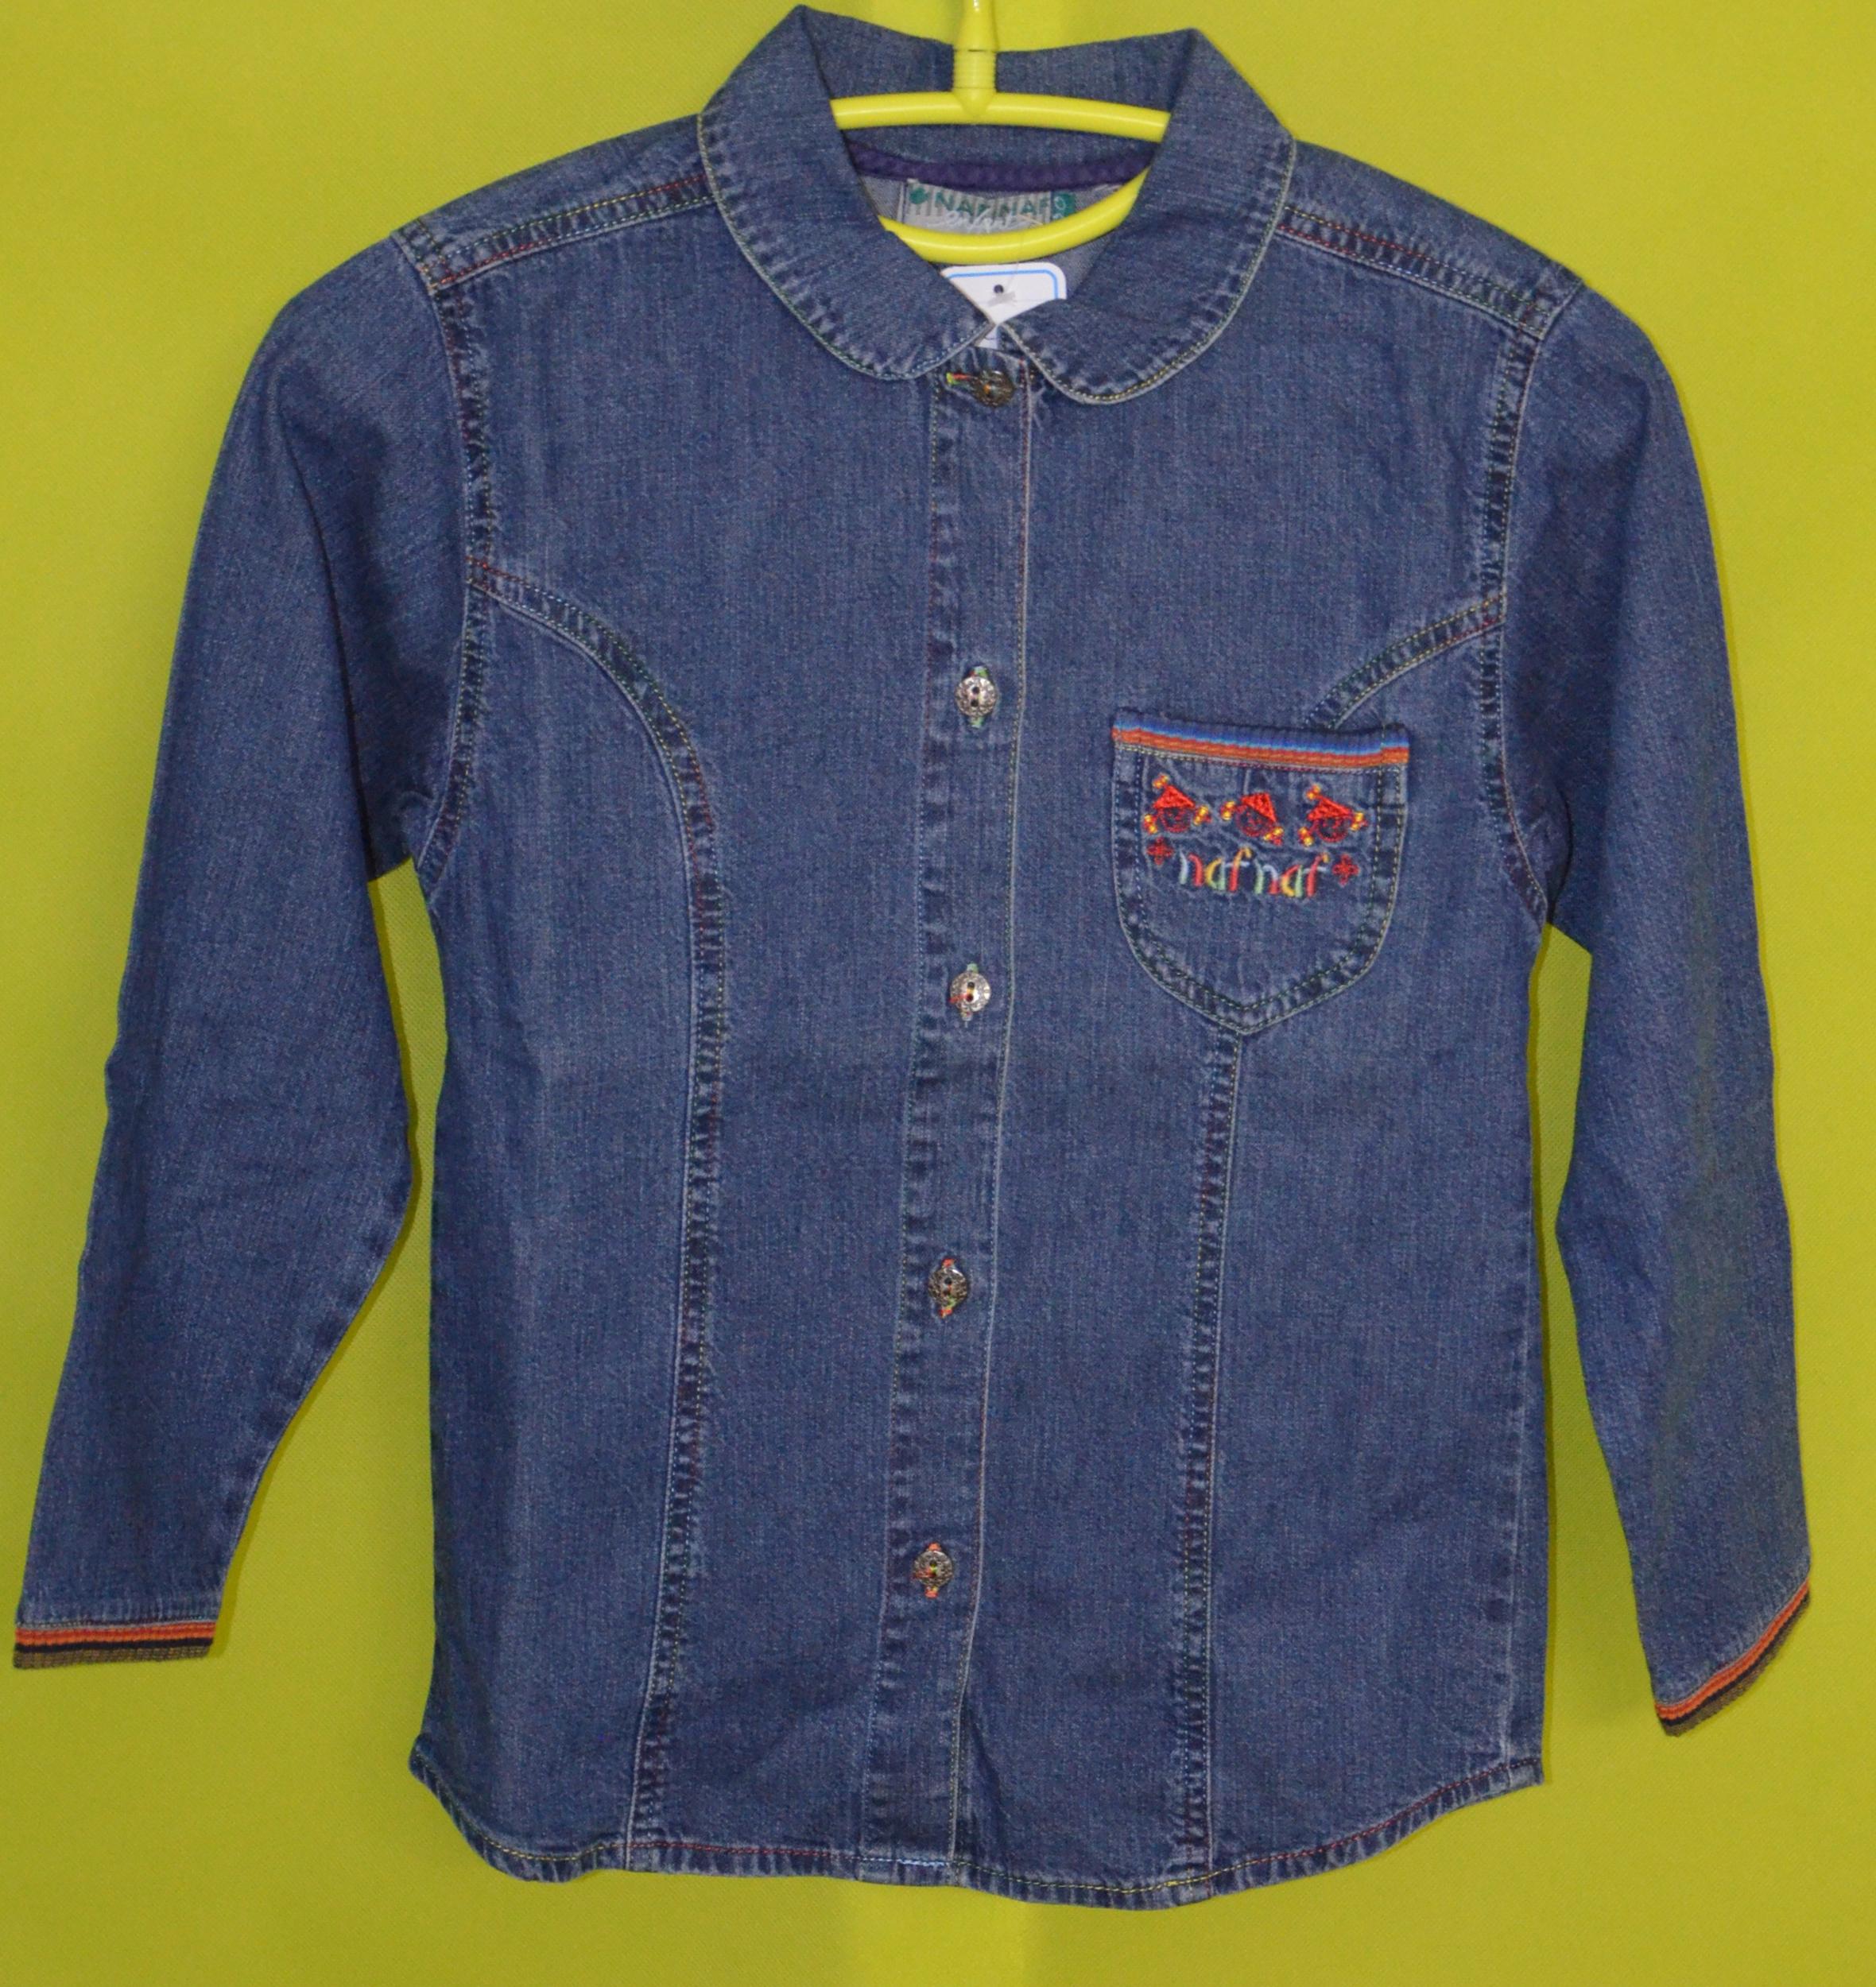 chemise jean naf naf 8 ans